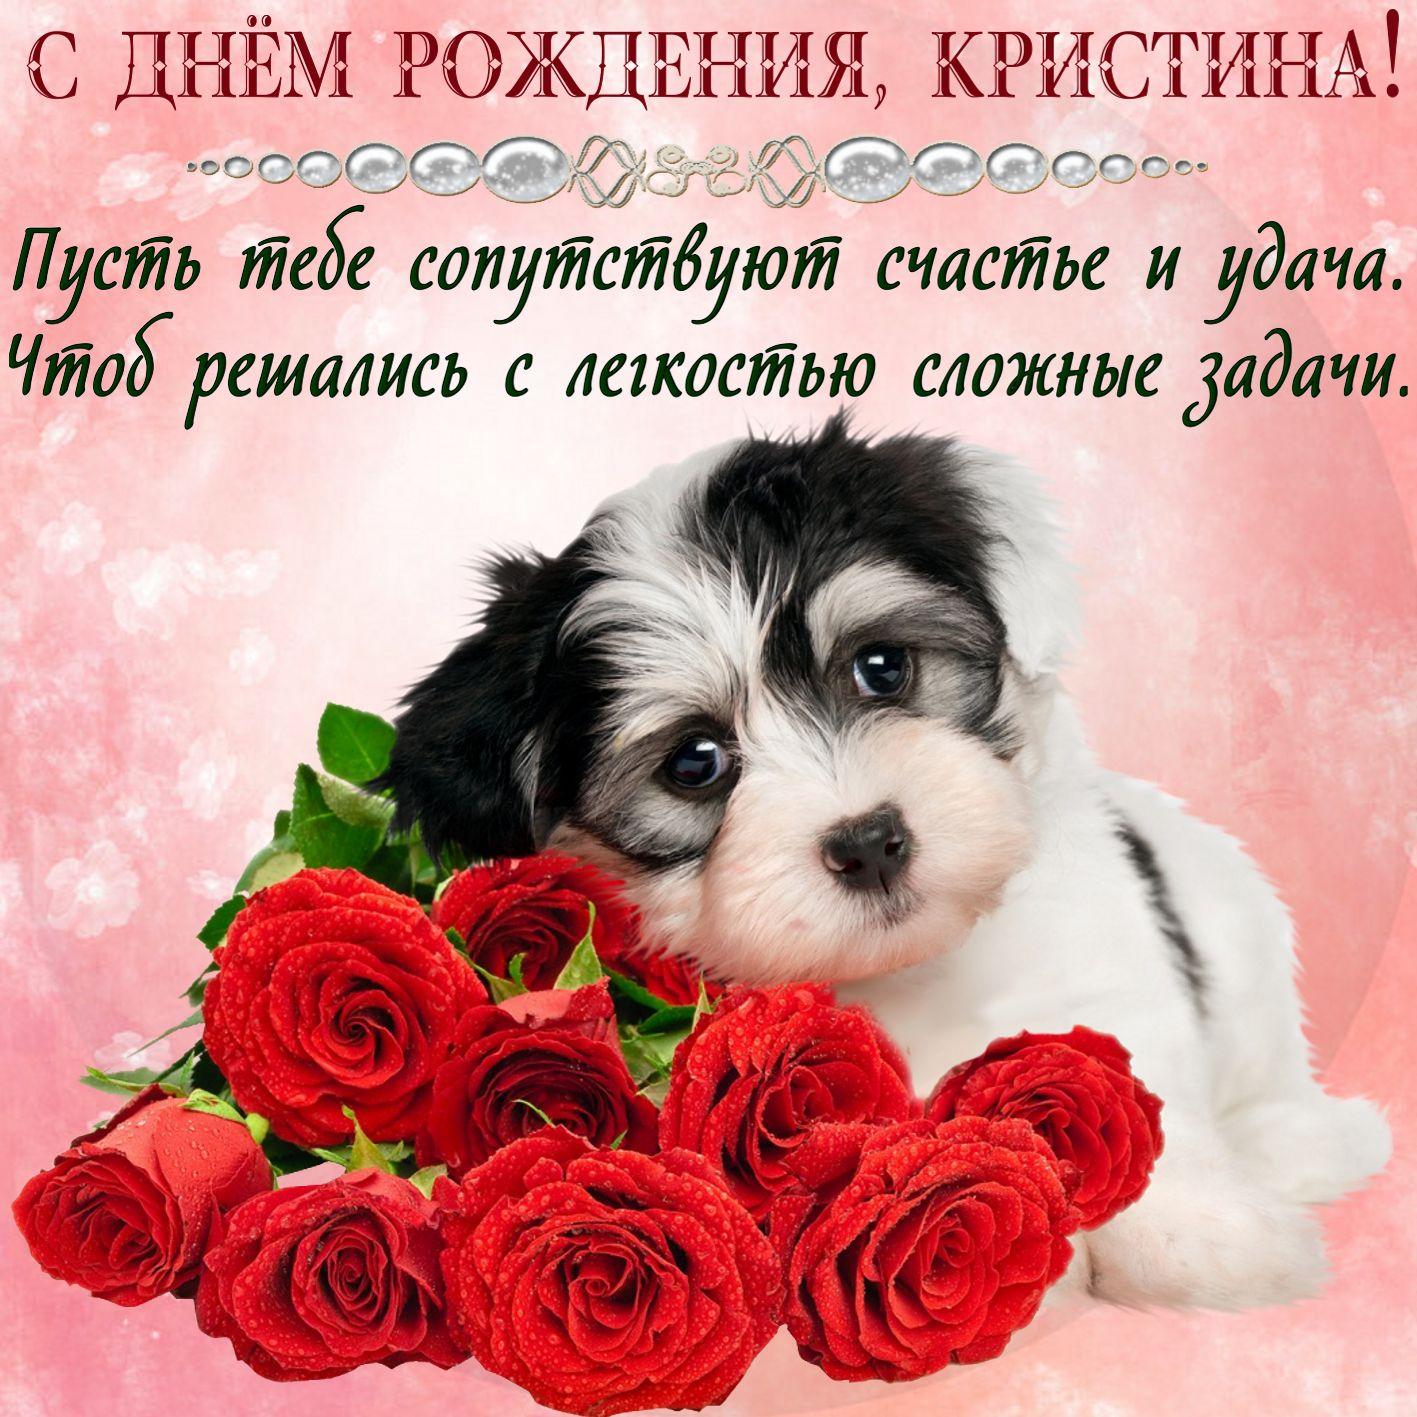 Открытка на День рождения - милая собачка с розами для Кристины